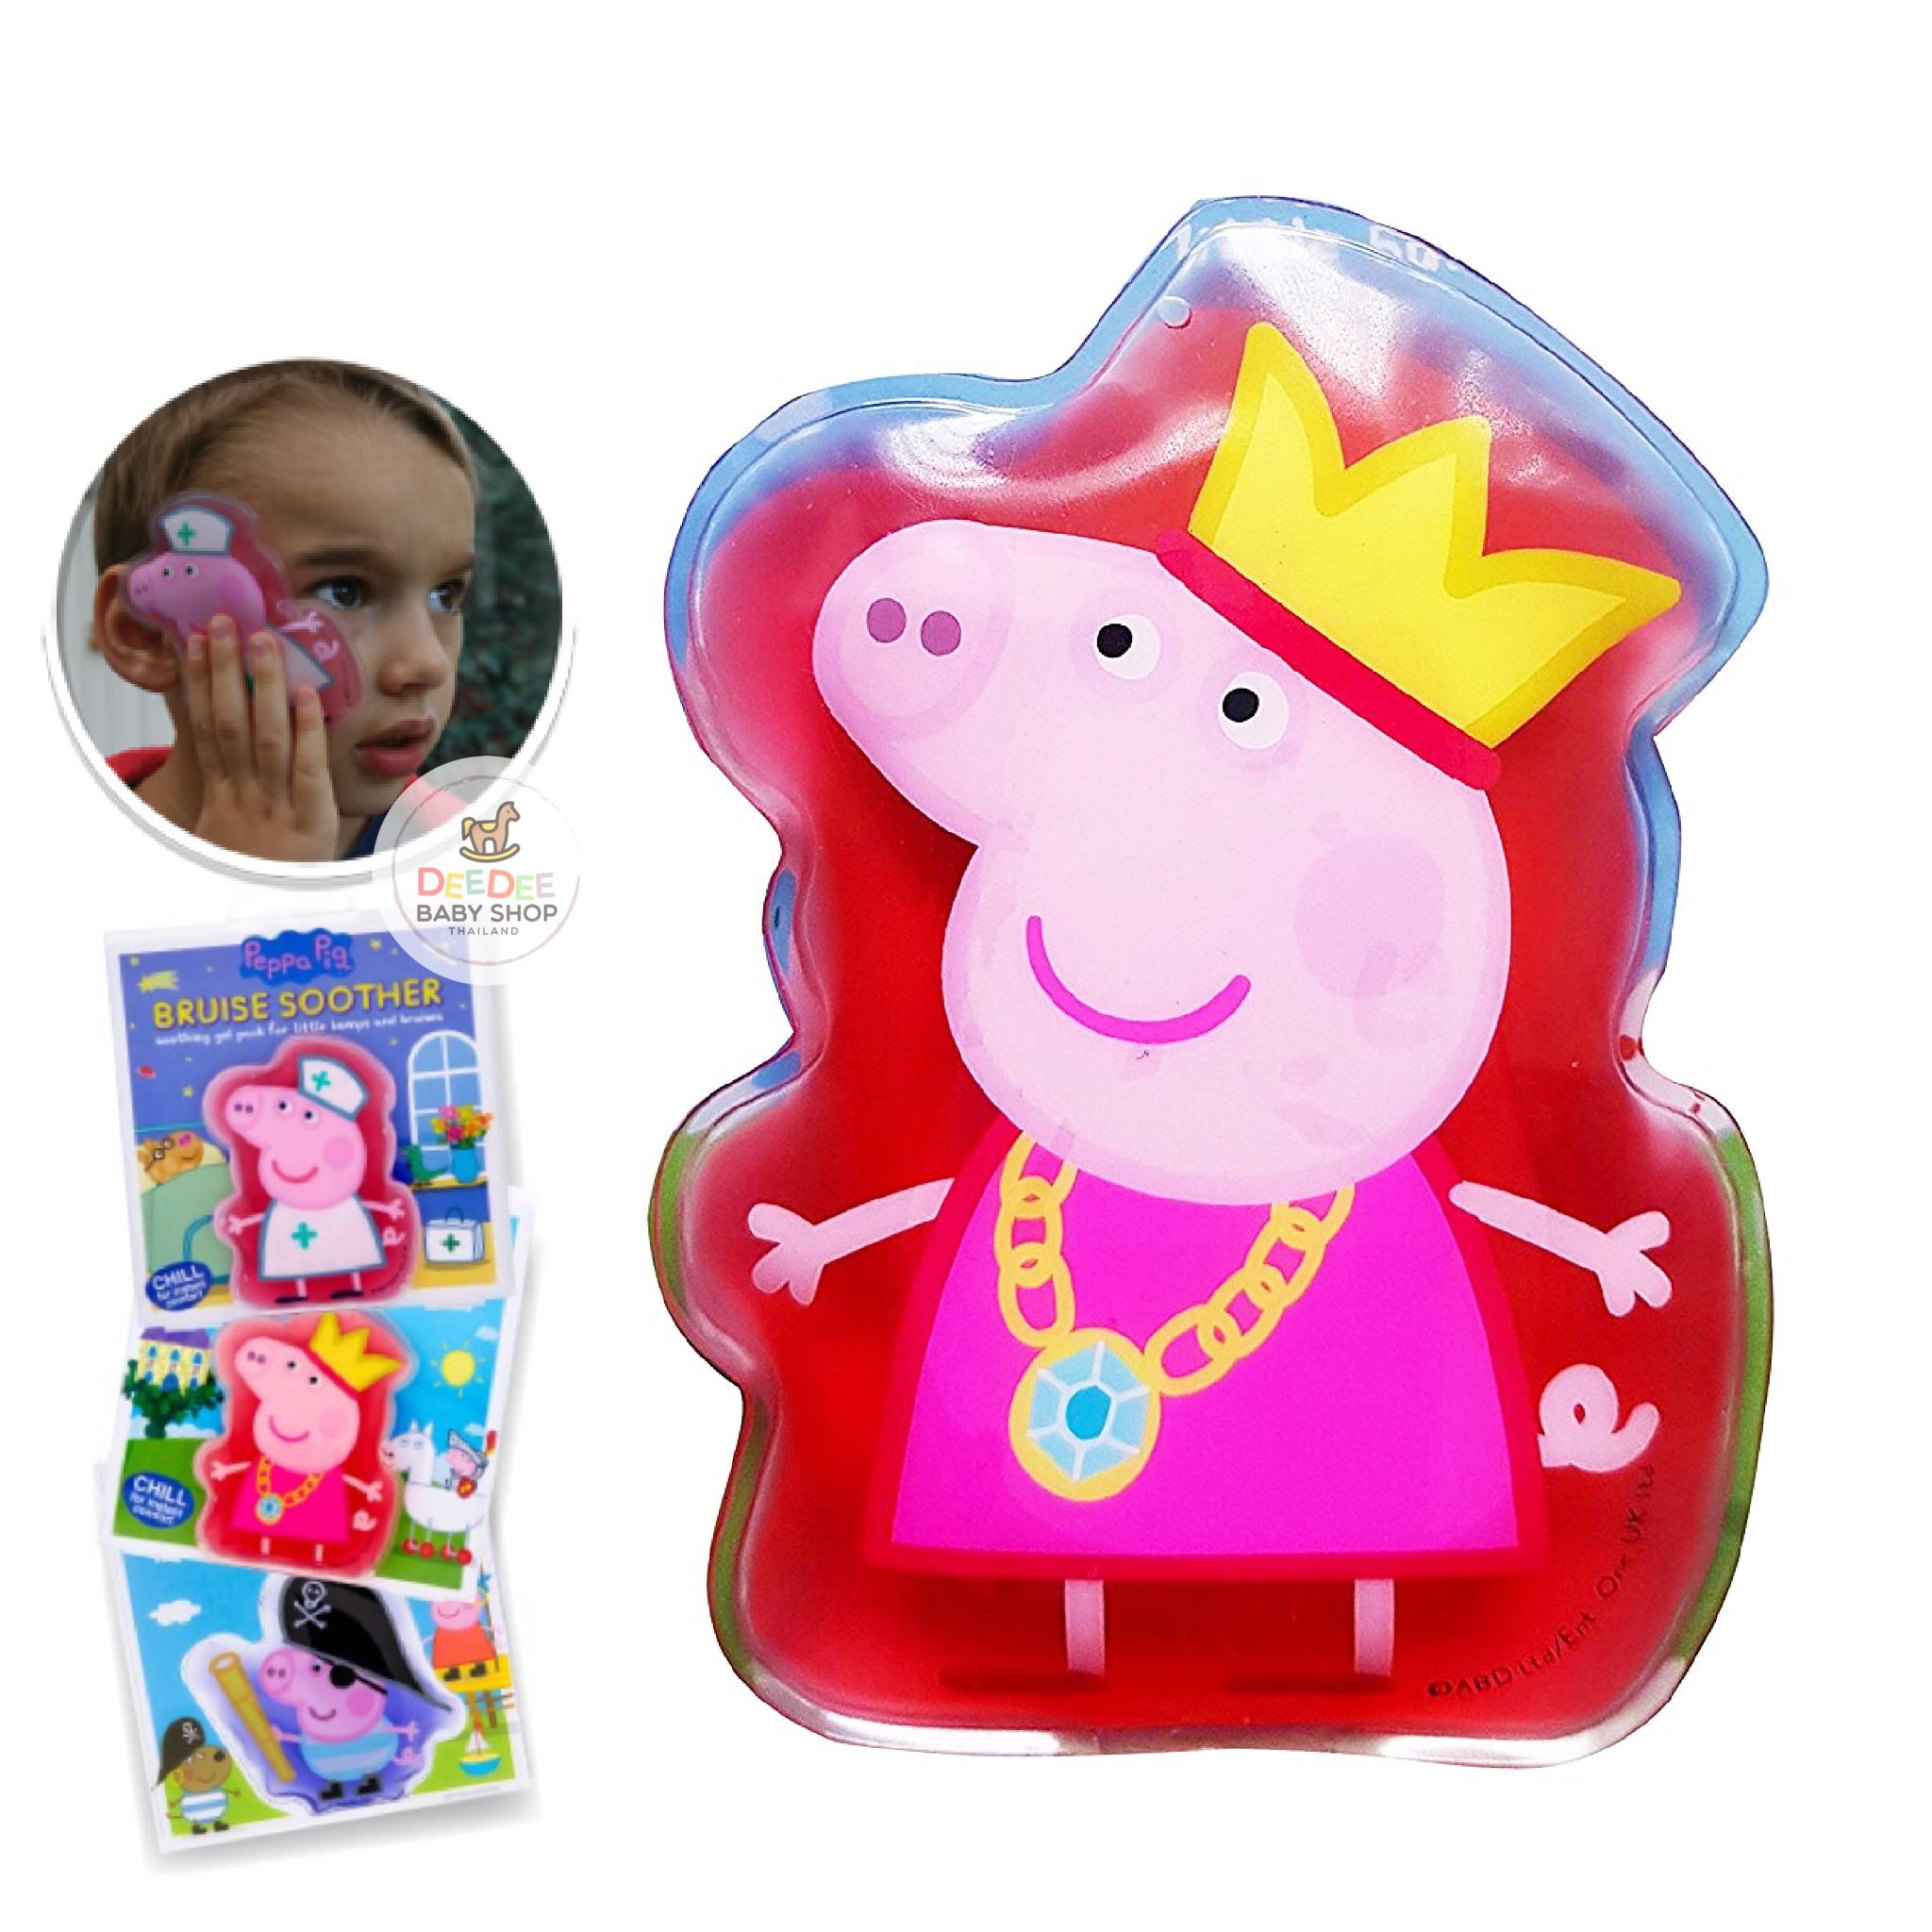 เจลประคบร้อนและเย็น Peppa Pig Bruise Soother (Tooth Fairy Peppa)